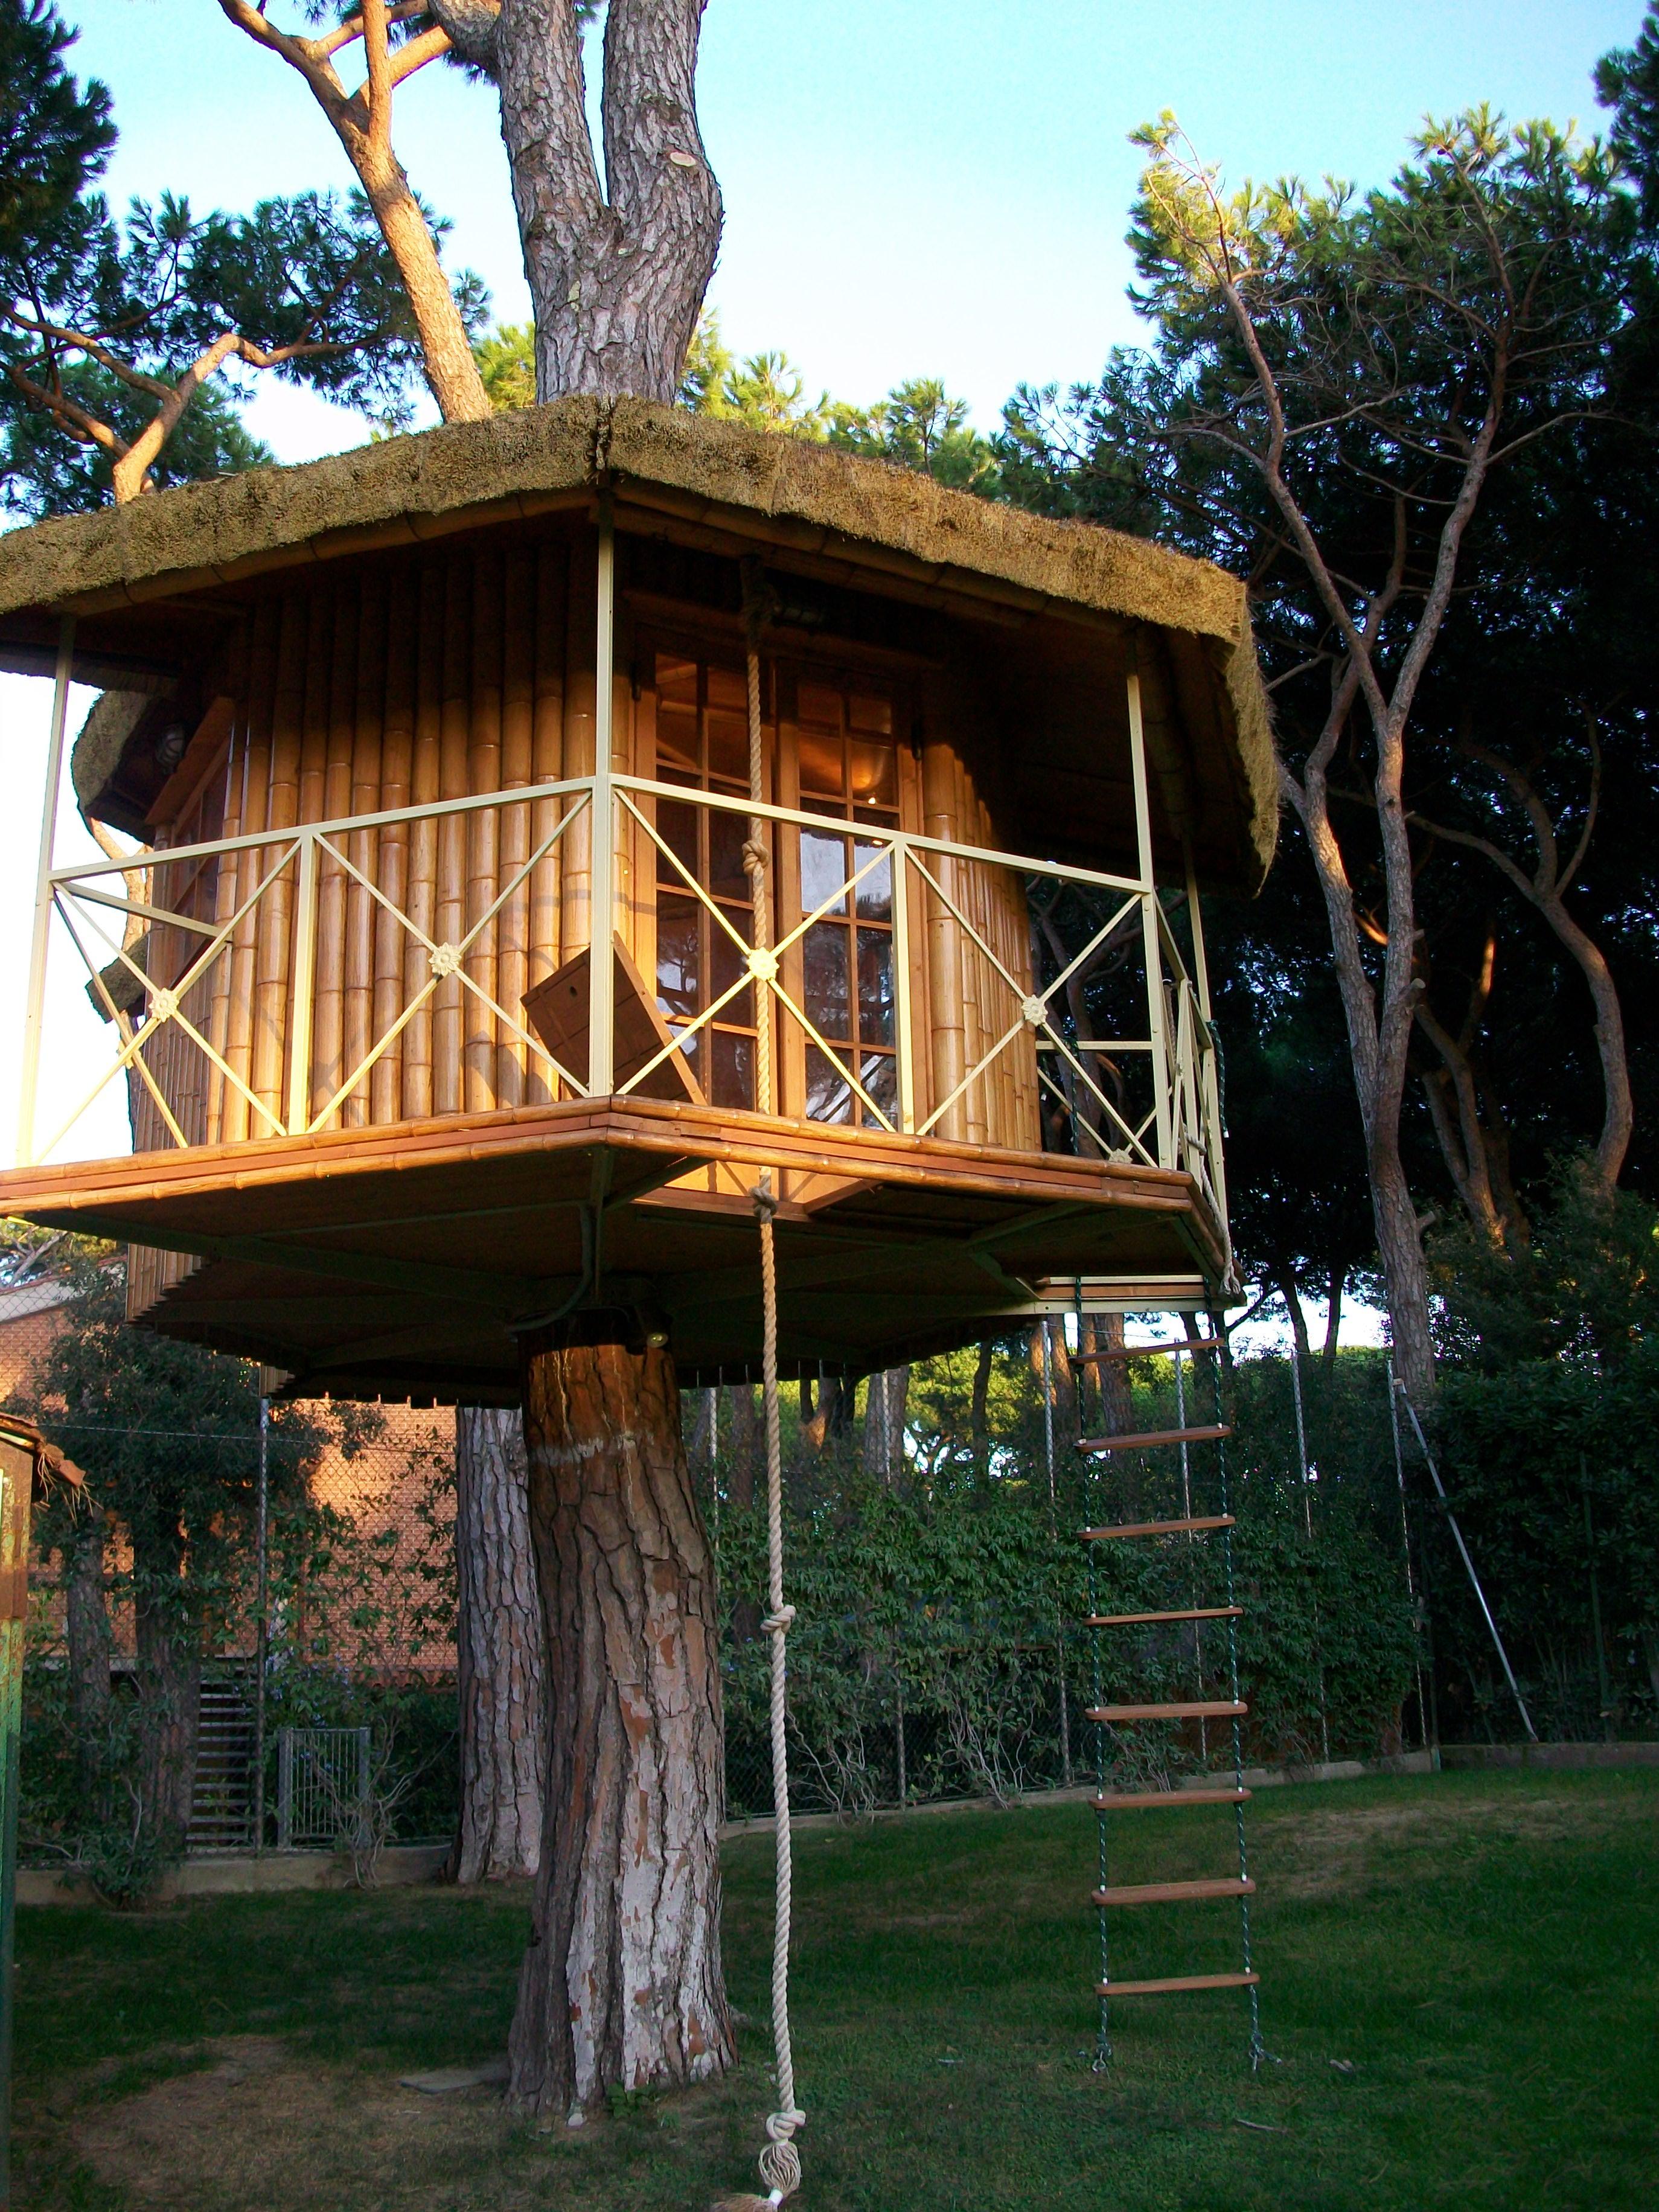 House on tree - Italy